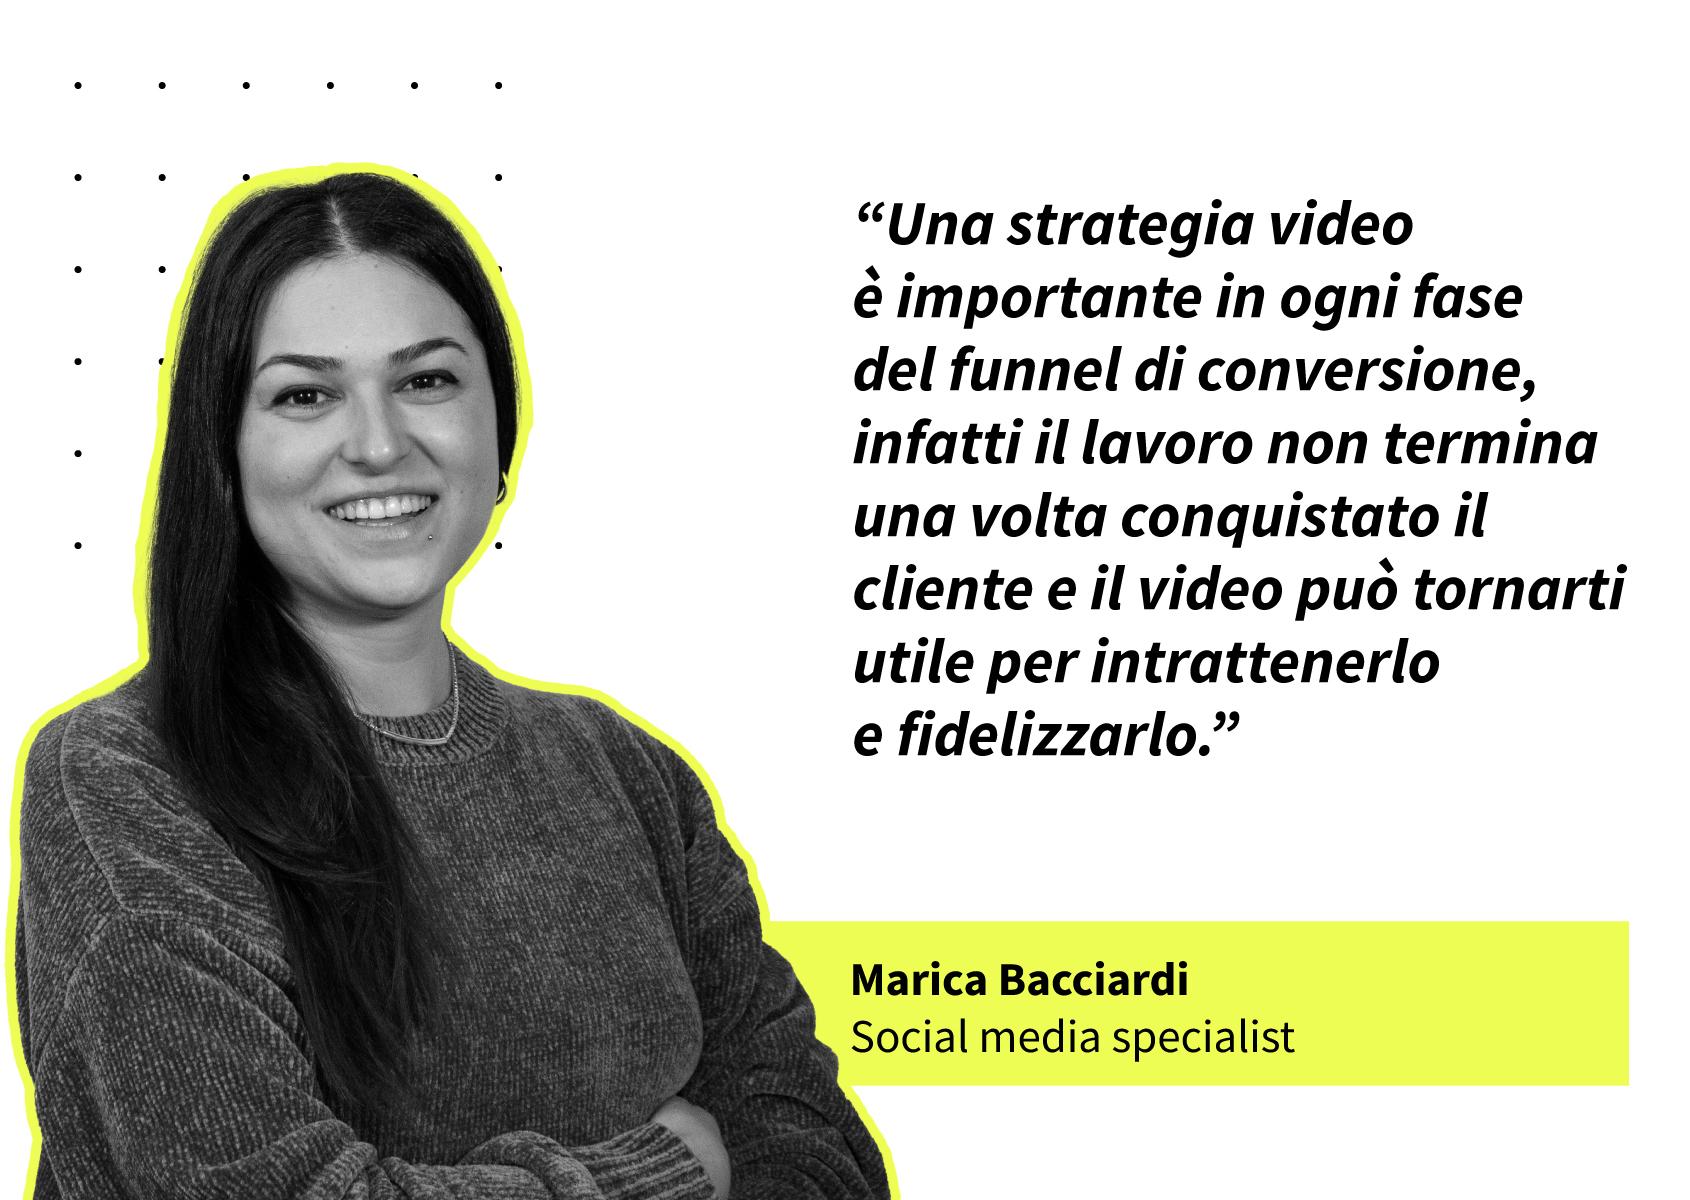 Video-strategy-2021-citazione-marica